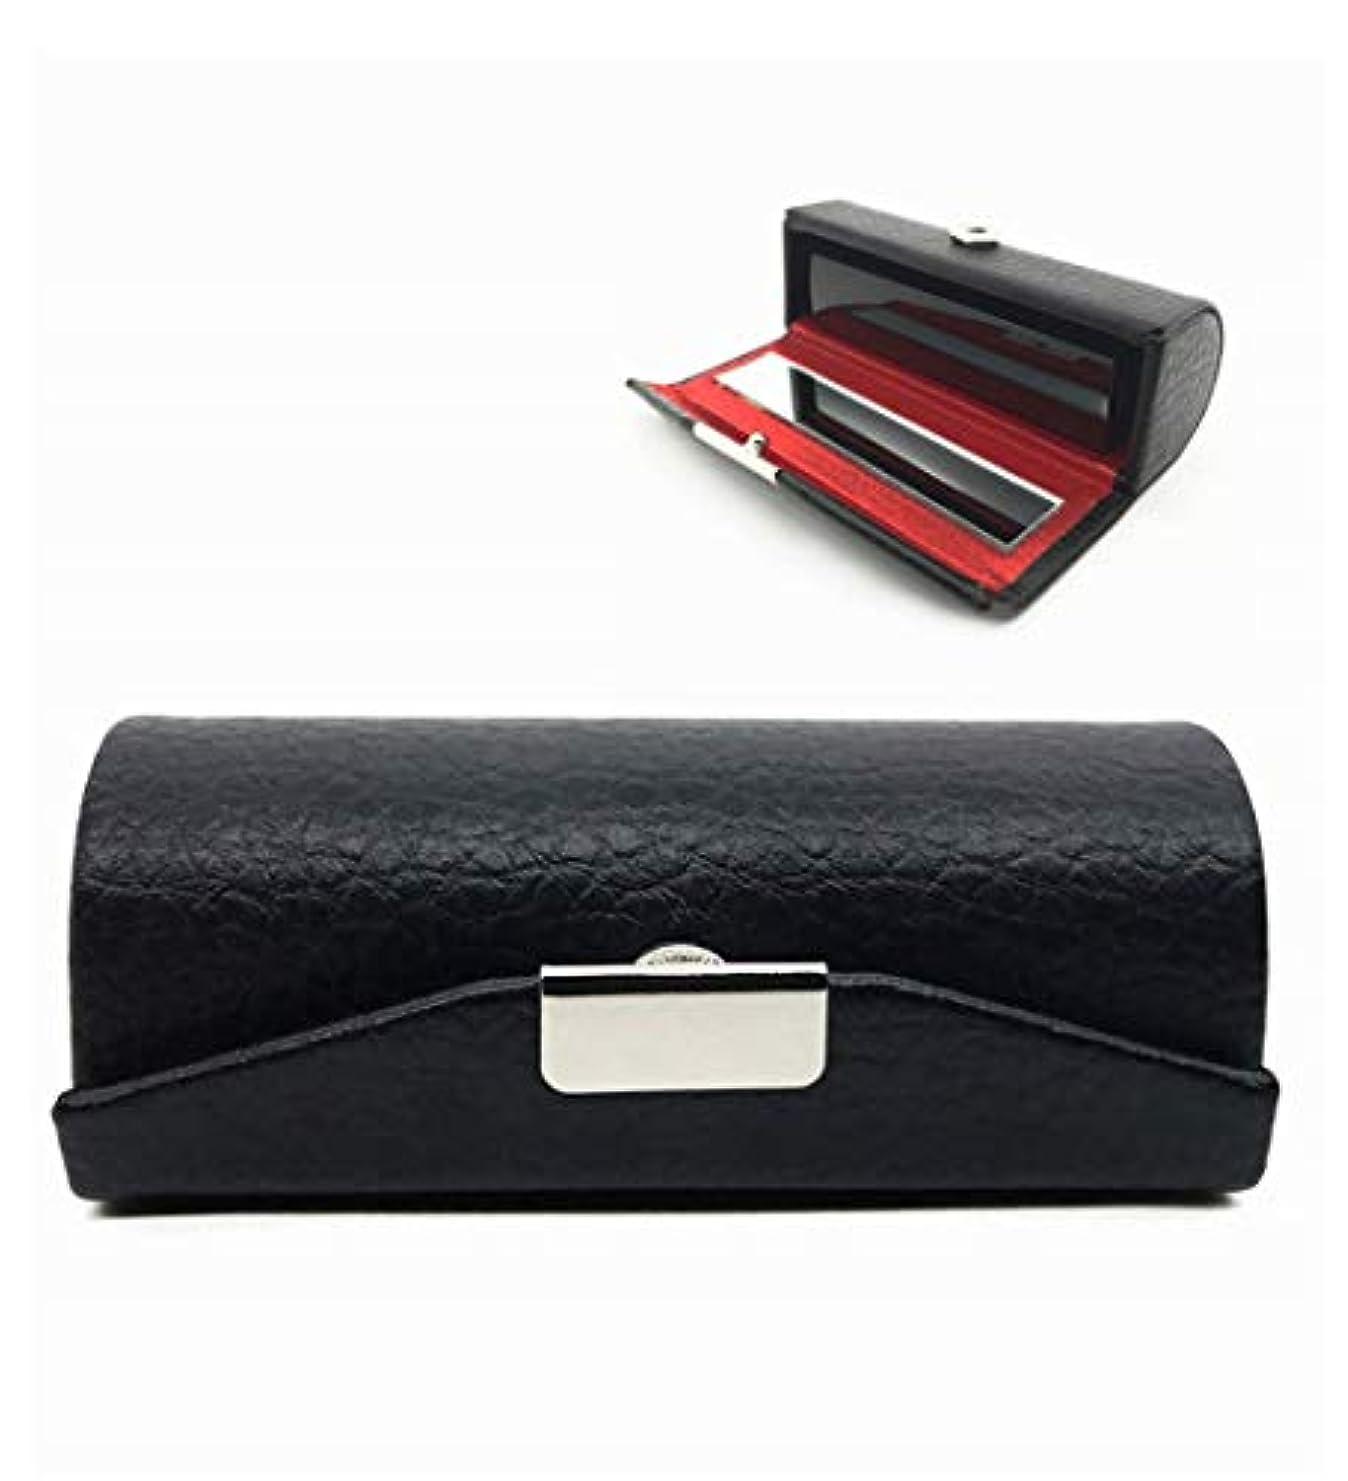 誕生日チャンスモナリザHOMEE リップケース ミラー付き 口紅 リップクリーム 収納 持ち運び便利 レザー ブラック